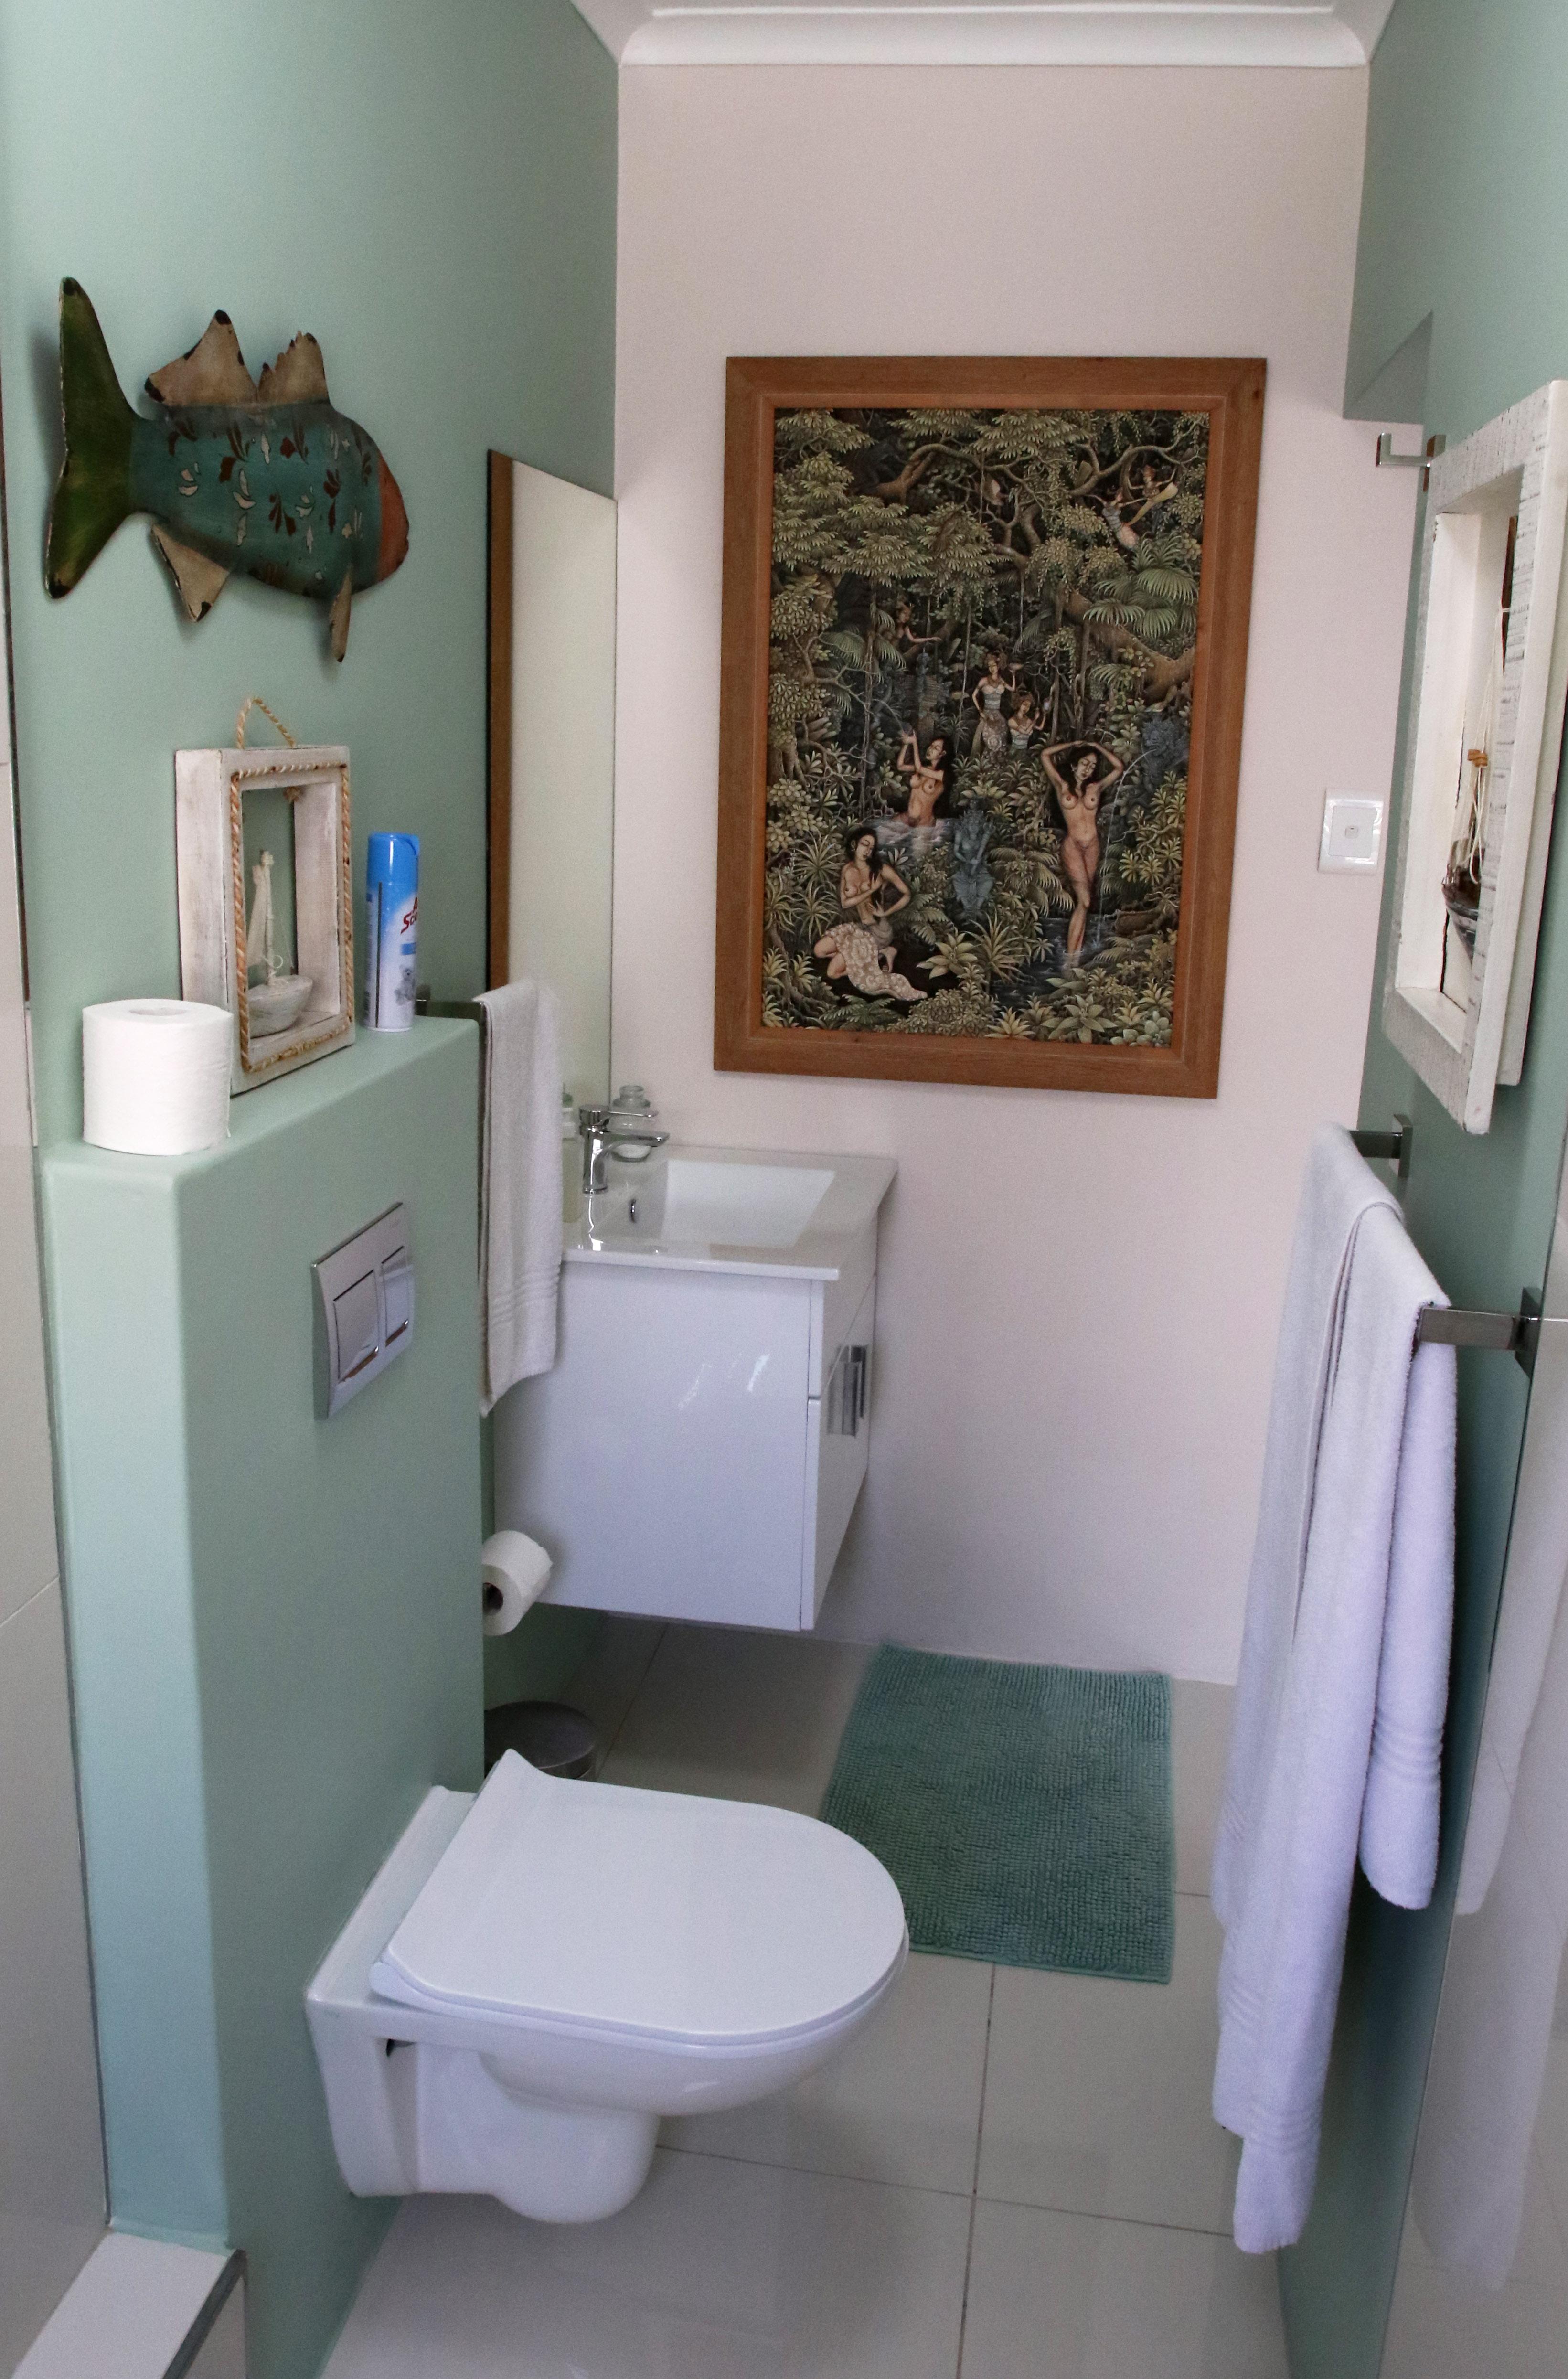 Room 10, Bathroom